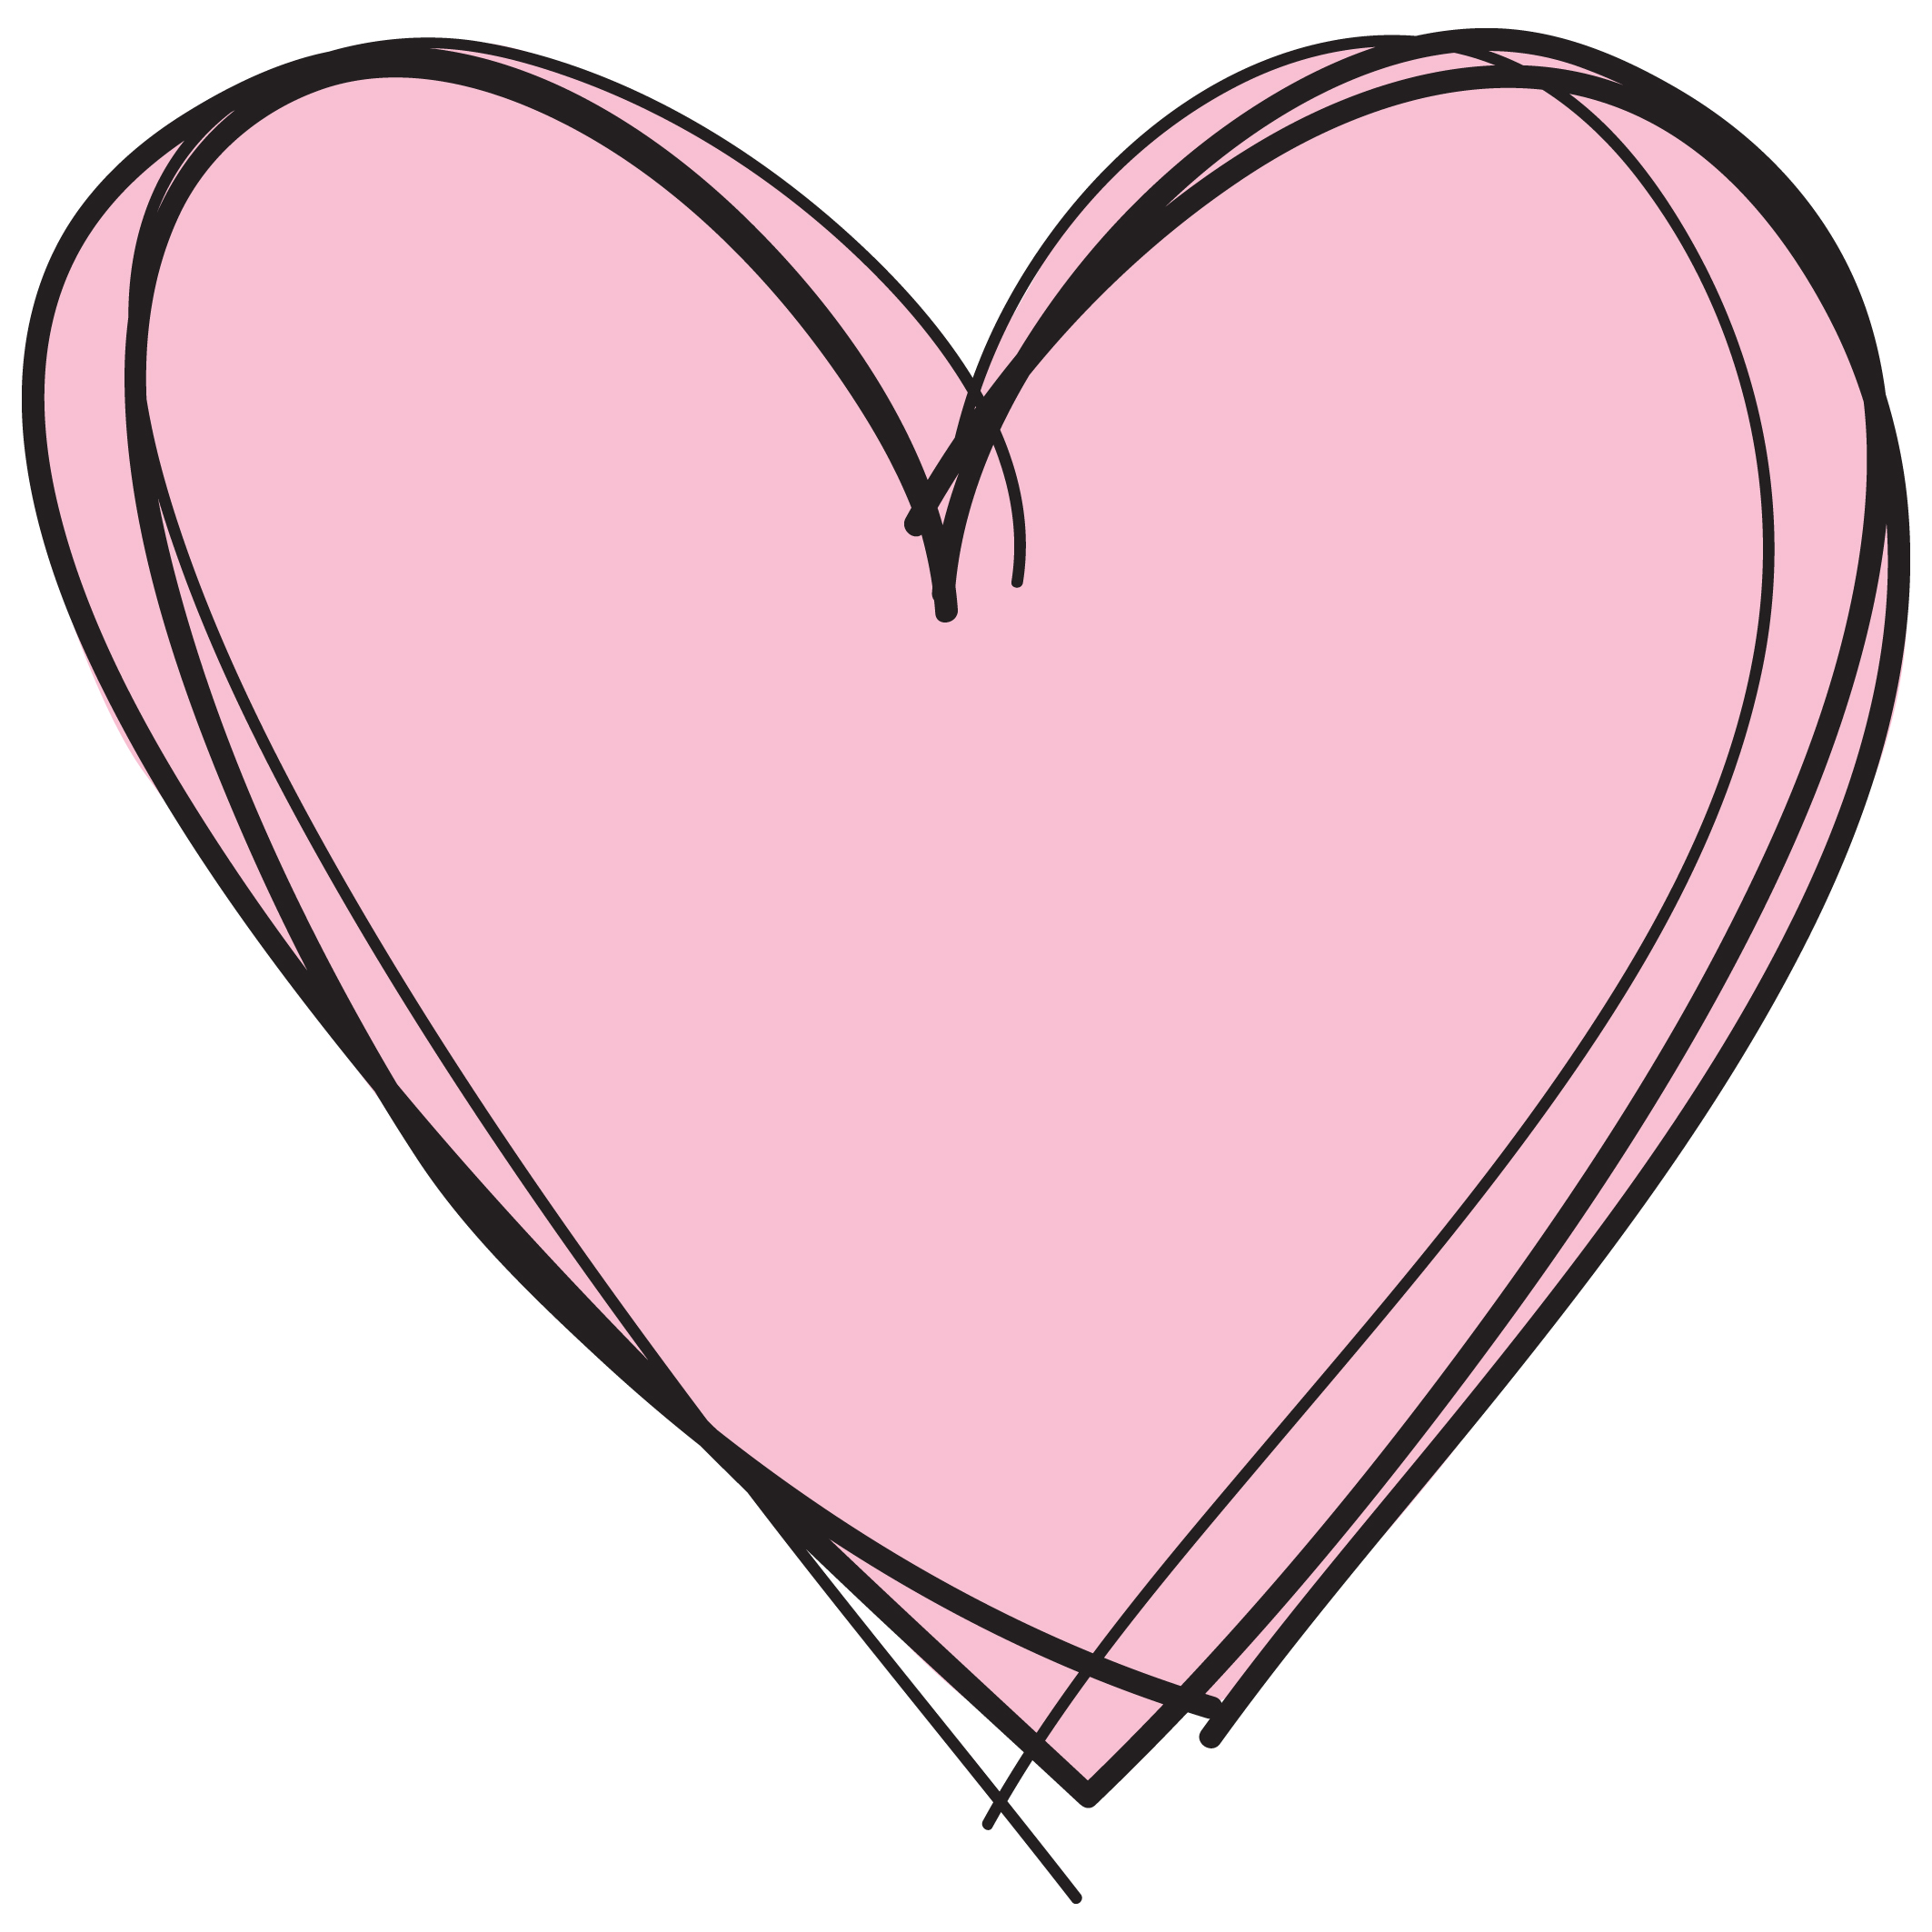 heart free images at clker com vector clip art online heart clipart pictures heart clipart png